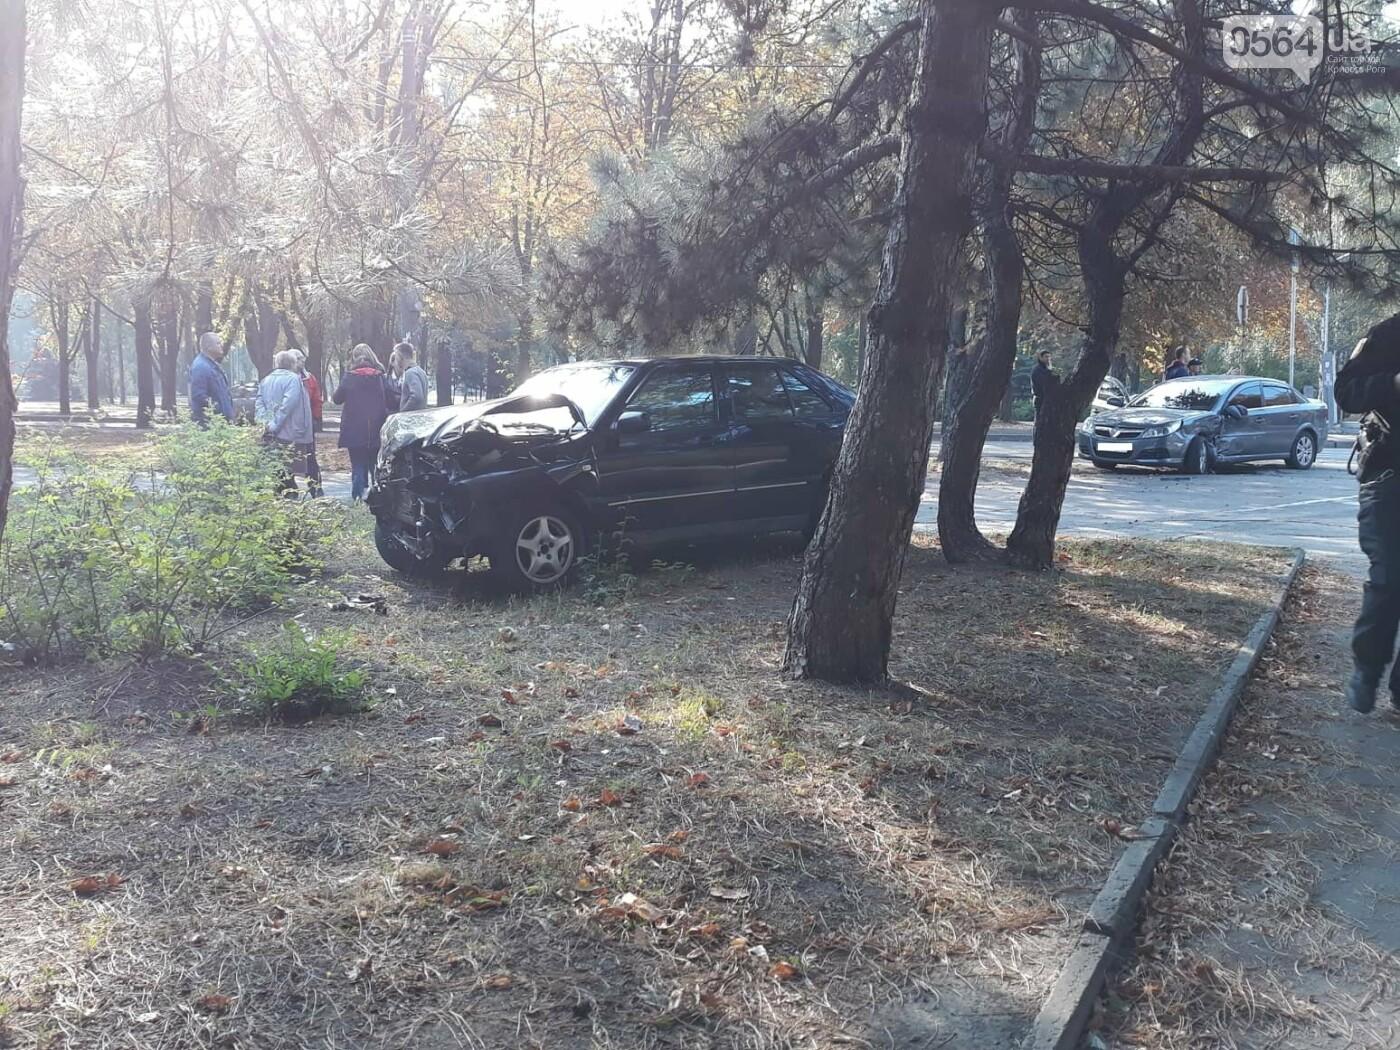 ДТП в Кривом Роге: от удара Chery выбросило далеко за пределы проезжей части, фото-4